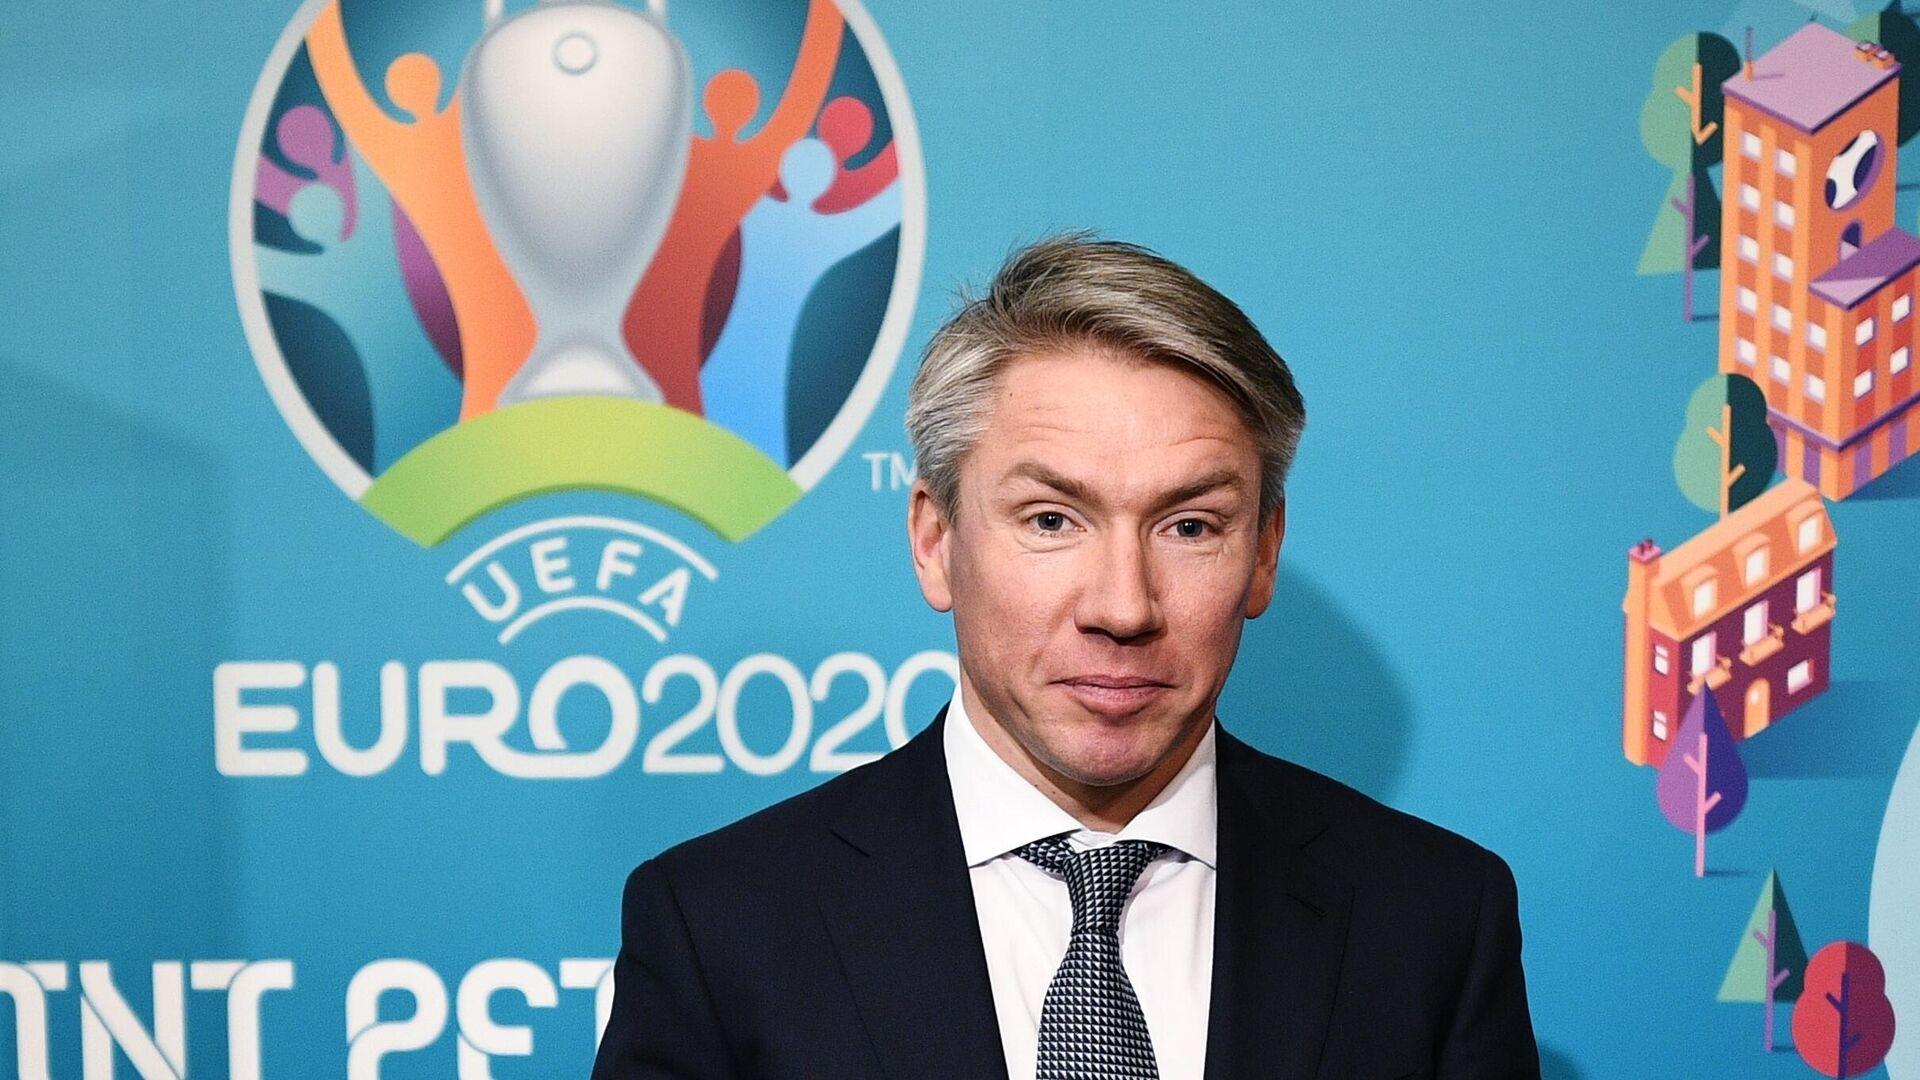 Сорокин: подготовка к Евро-2020 в Петербурге идет в плановом режиме - РИА  Новости, 11.03.2020